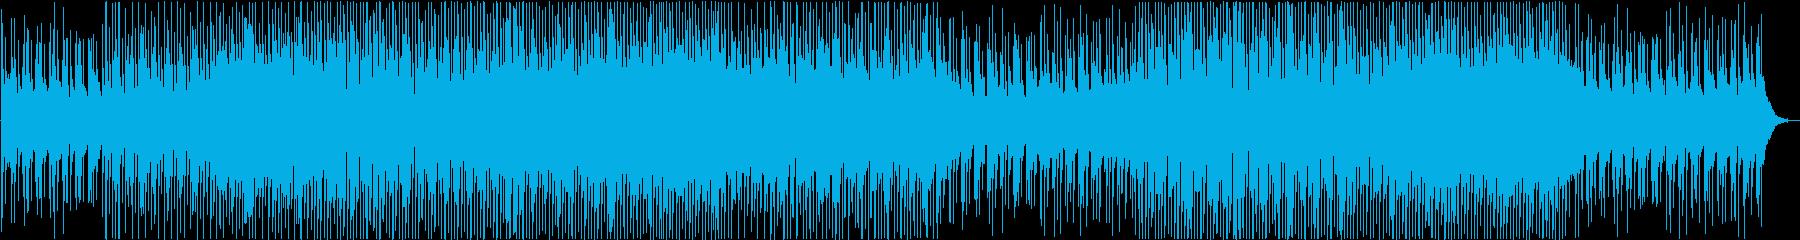 前向き明快なユクレリの再生済みの波形